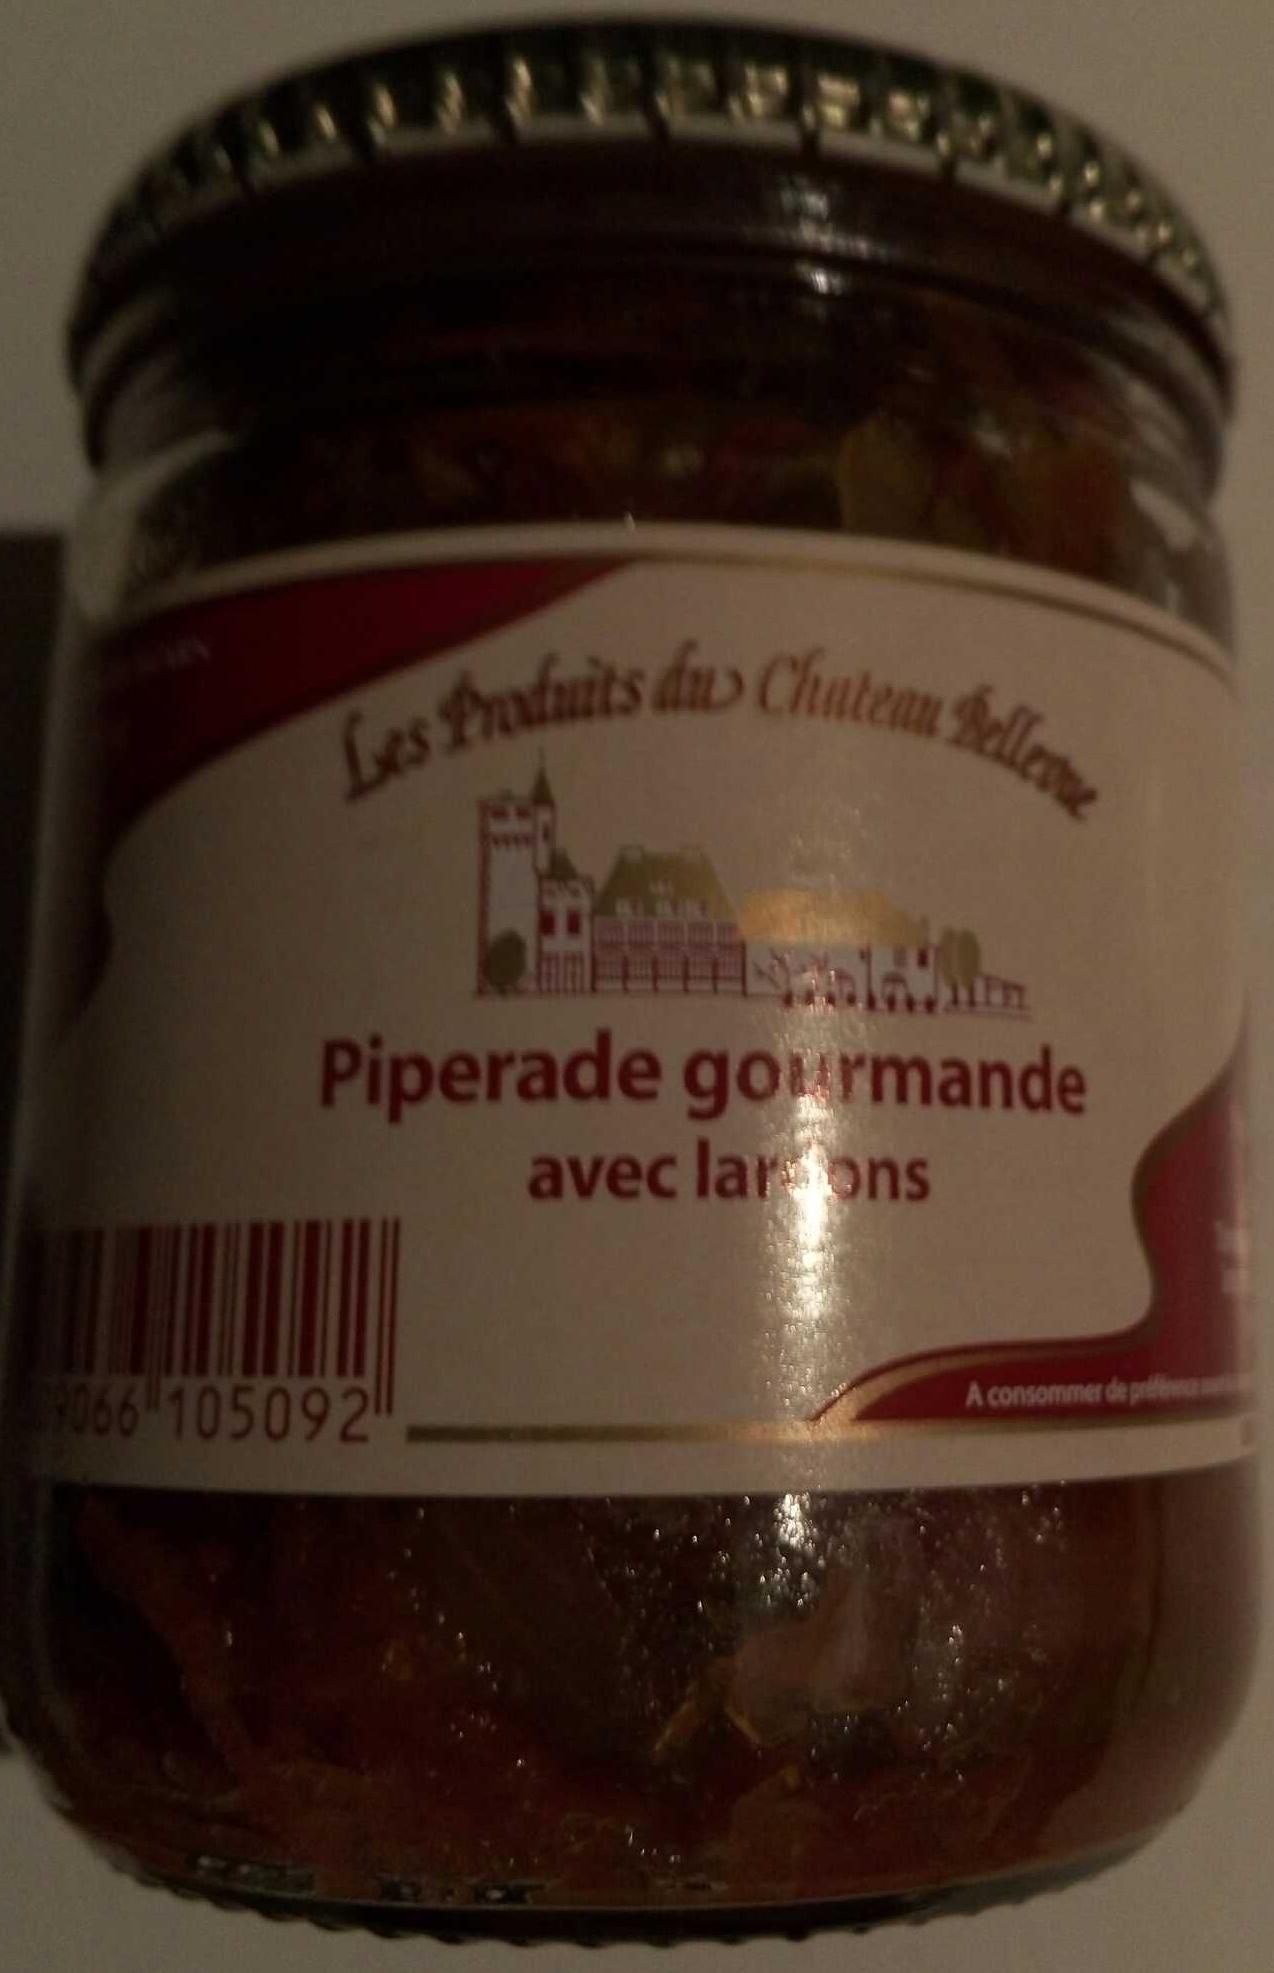 Piperade gourmande avec lardons - Product - fr